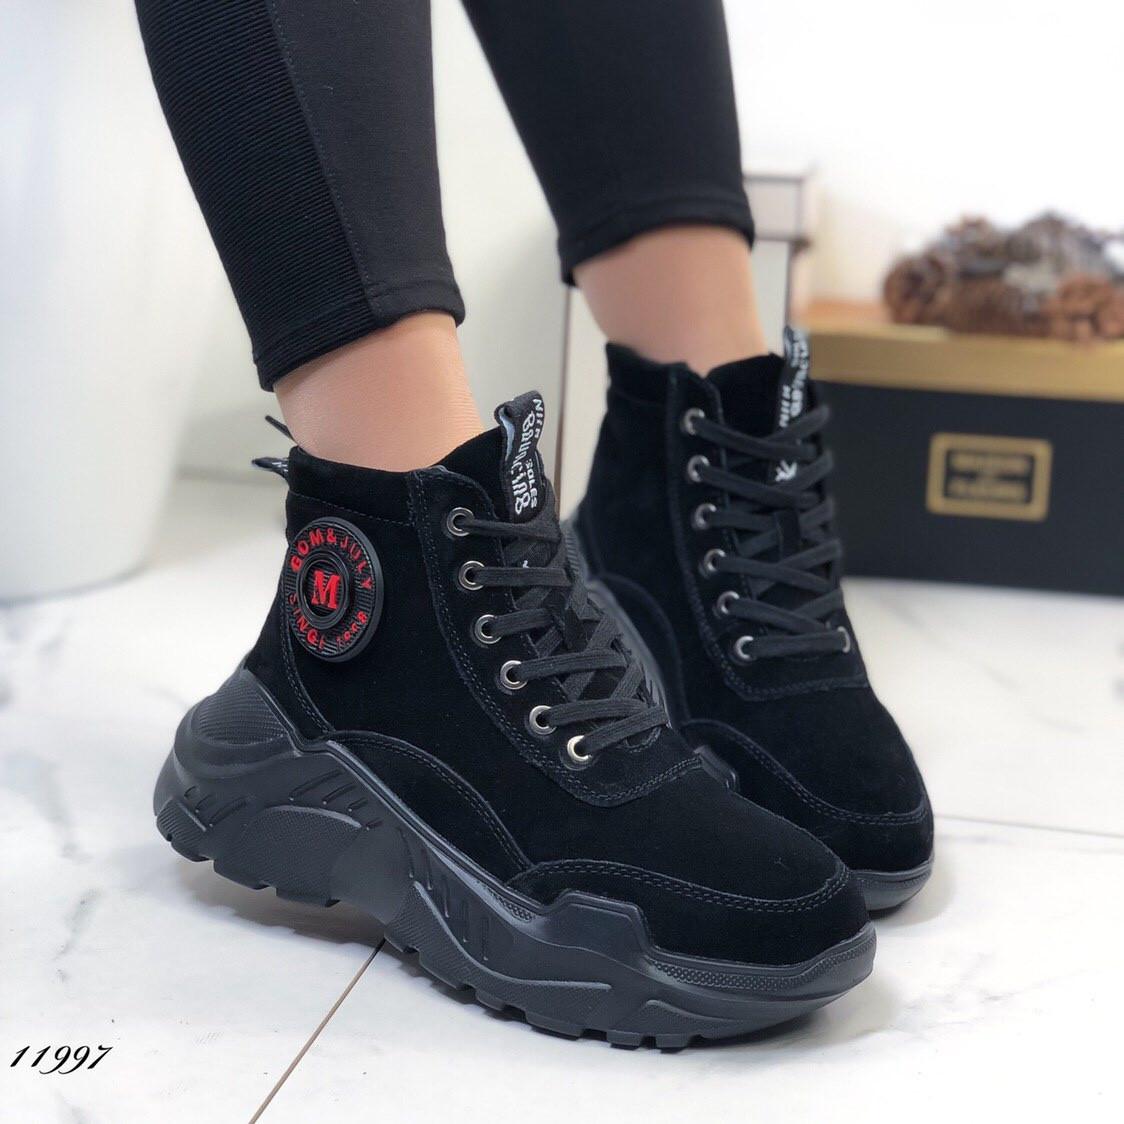 Женские ботинки замшевые на массивной подошве на меху 36 размер